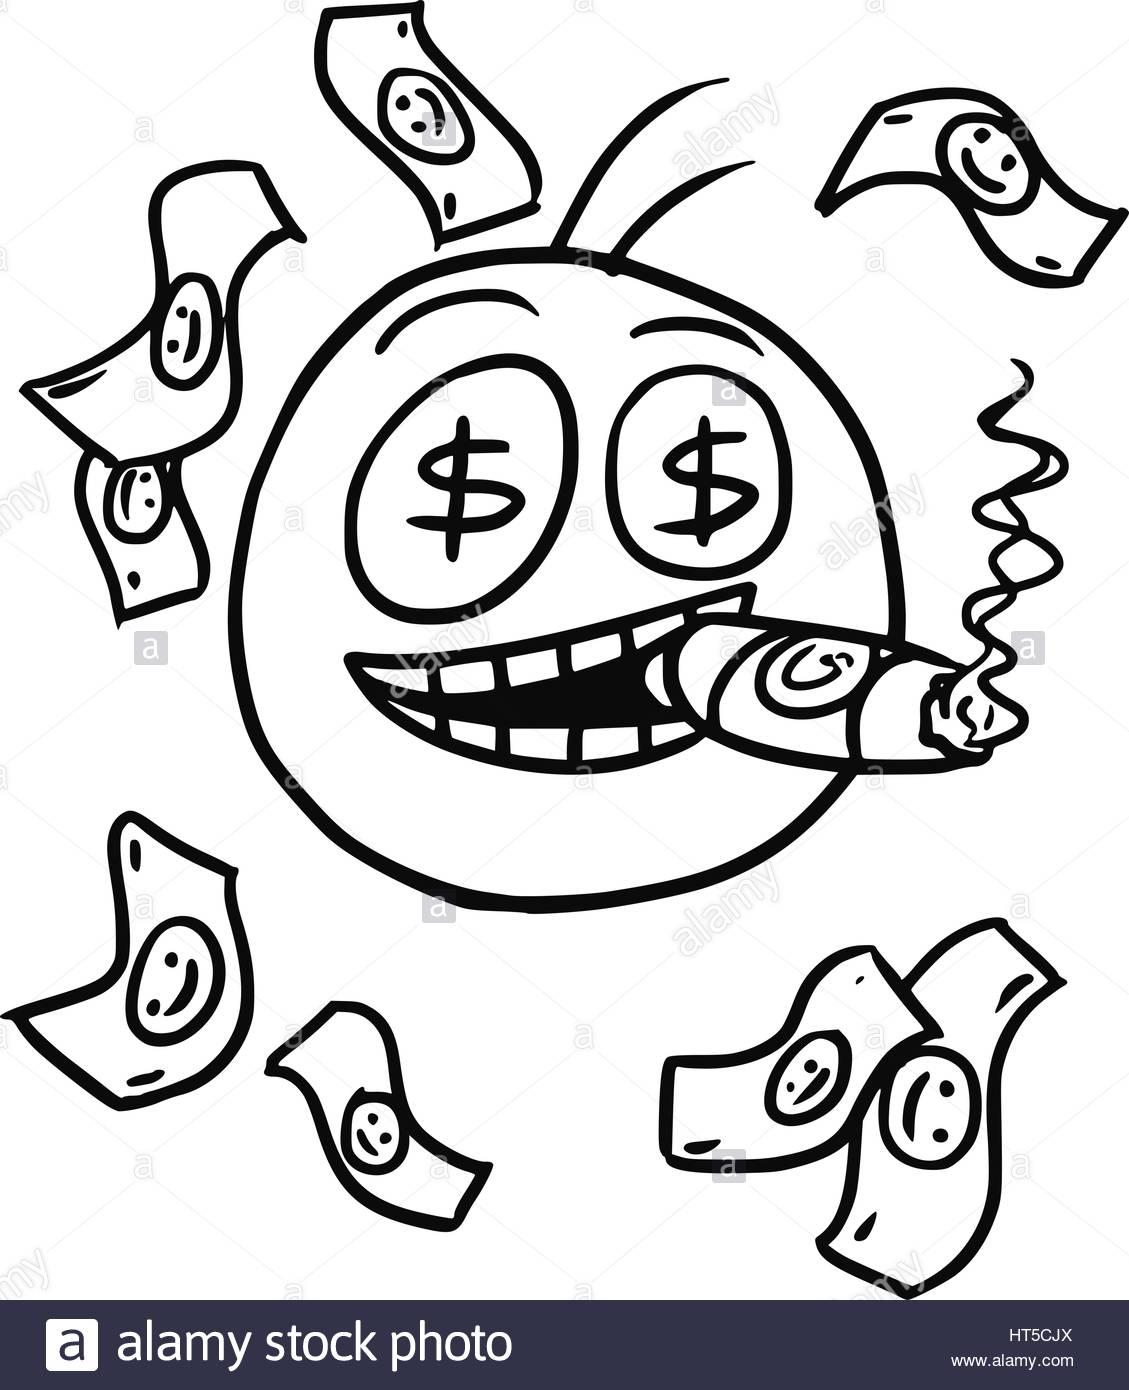 1129x1390 Cartoon Vector Of Smiling Stickman With Big Cigar,dollar Sign